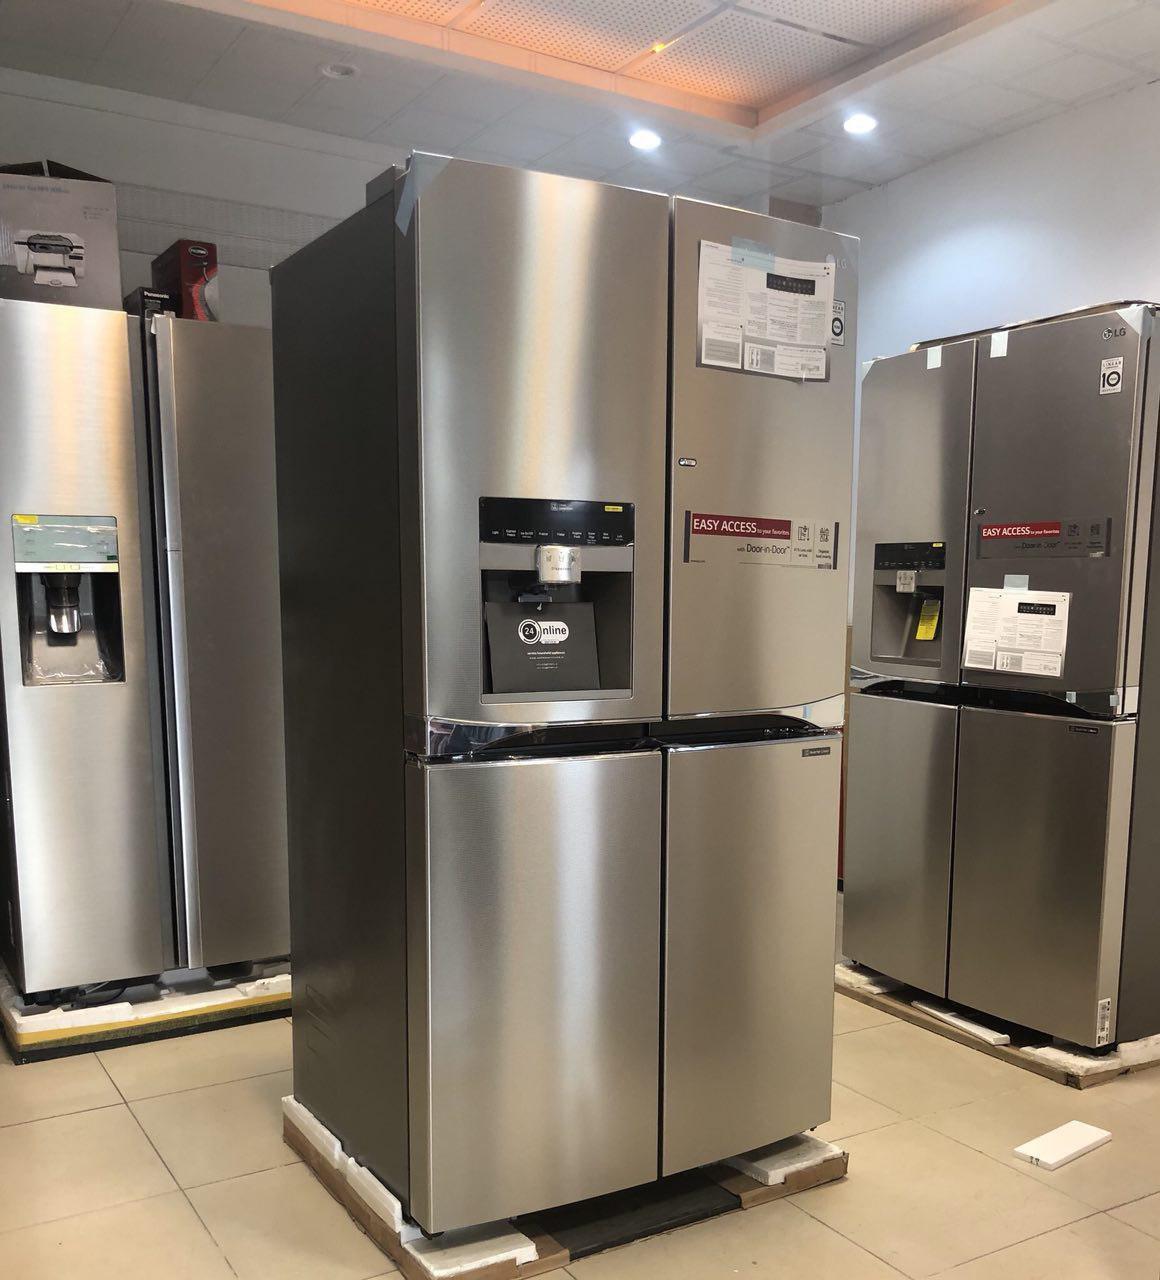 خرید یخچال ال جی مدل نکس j33